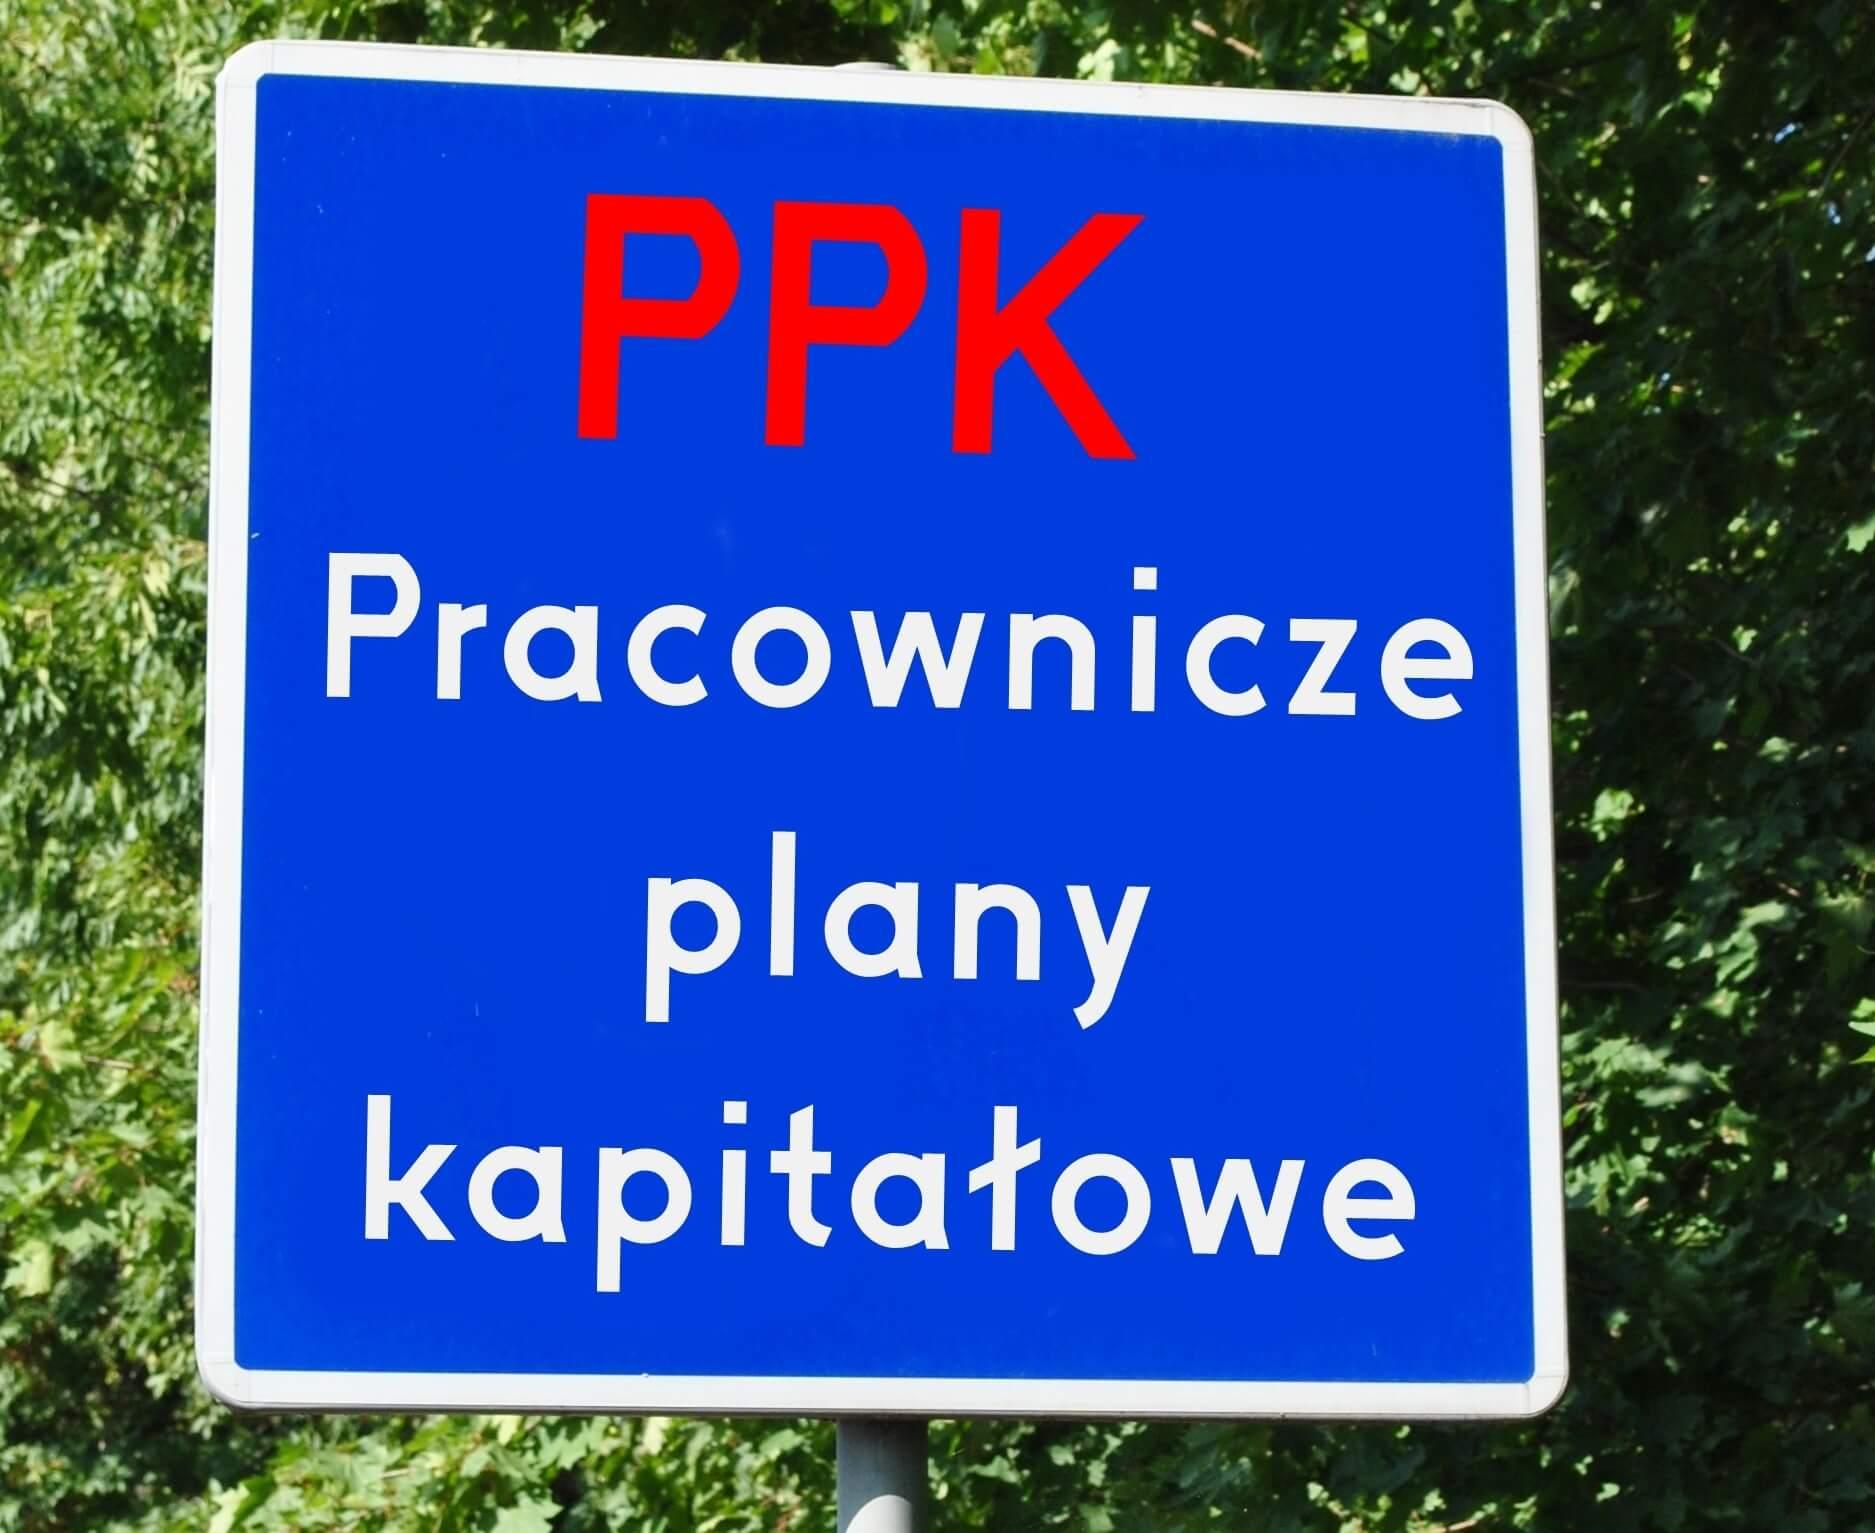 """PPK Pracownicze Plany Kapitałowe, czyli """"niechcem ale muszem"""" cz.2"""